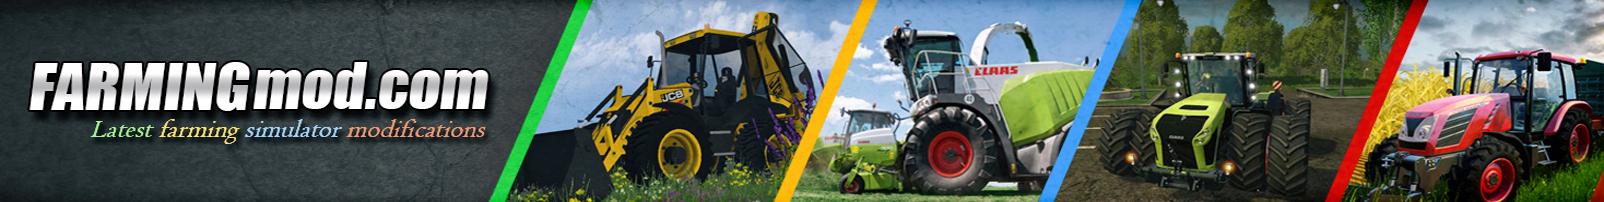 Farming simulator modification - FarmingMod.com